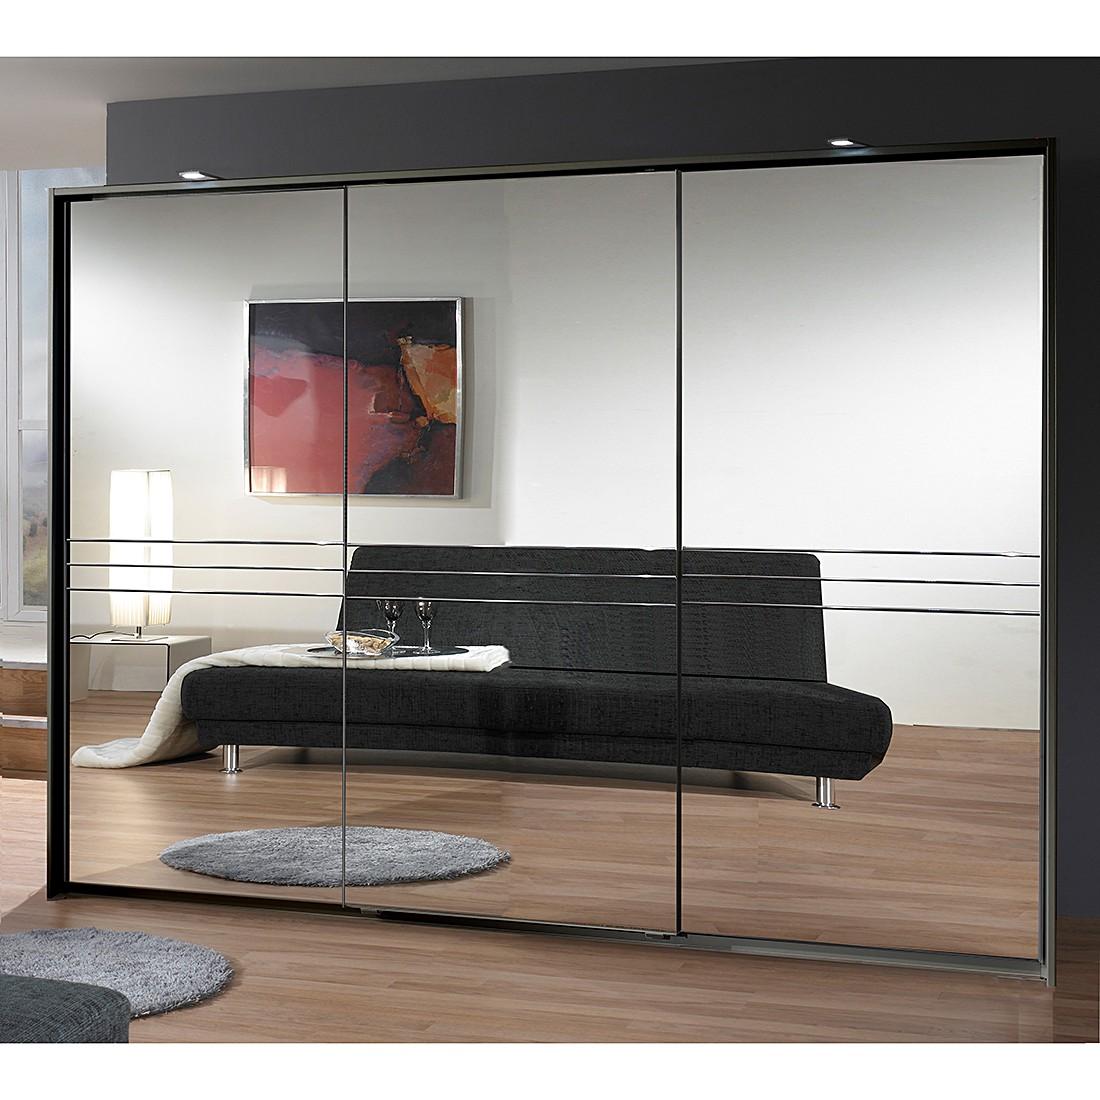 #694B3F Vente Armoire TritOO Maison Et Jardin 3367 vente armoire porte coulissante 1100x1100 px @ aertt.com